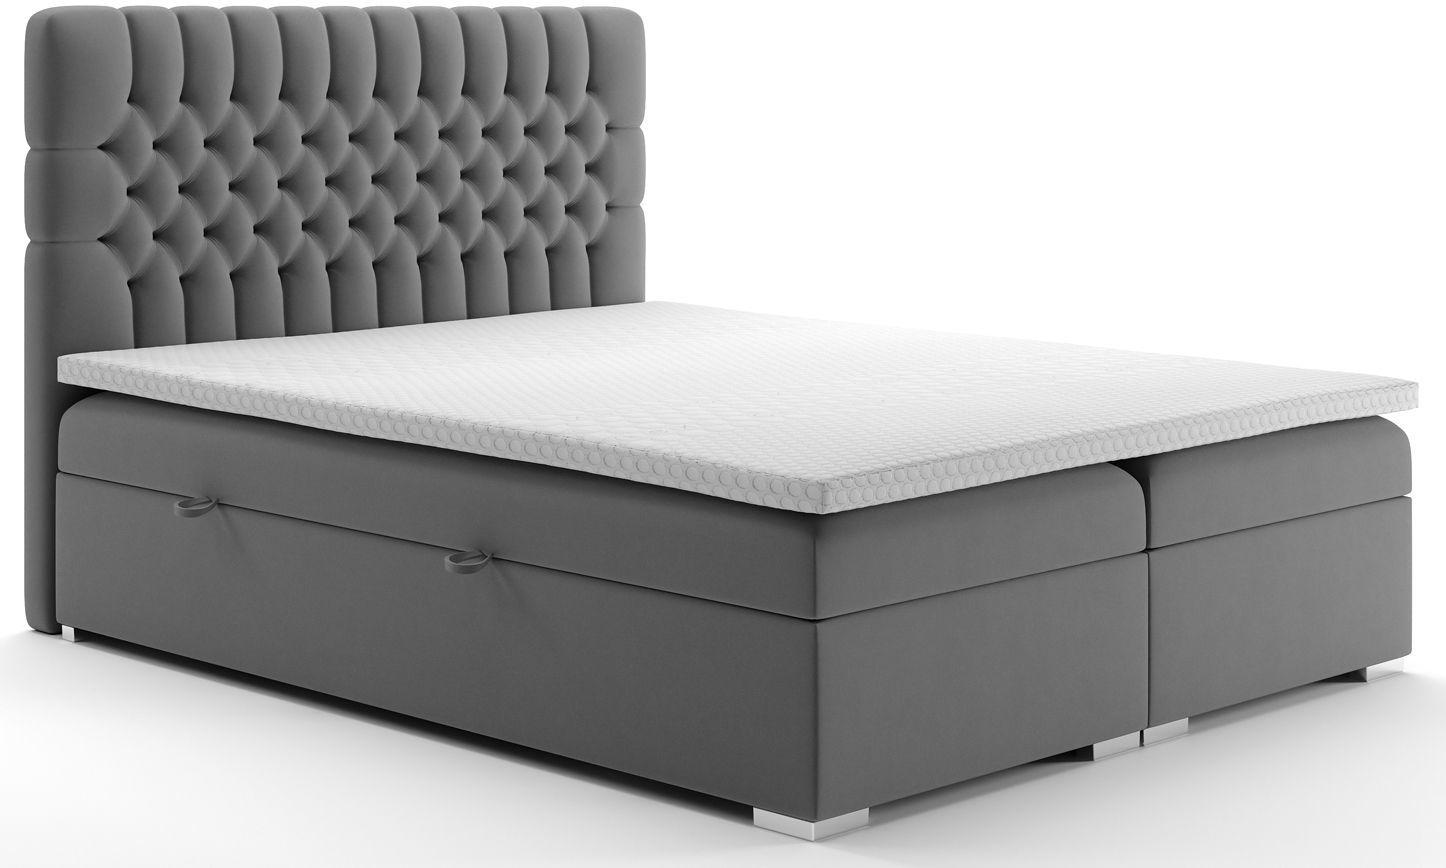 Kontynentalne łóżko Stilla 120x200 - 58 kolorów